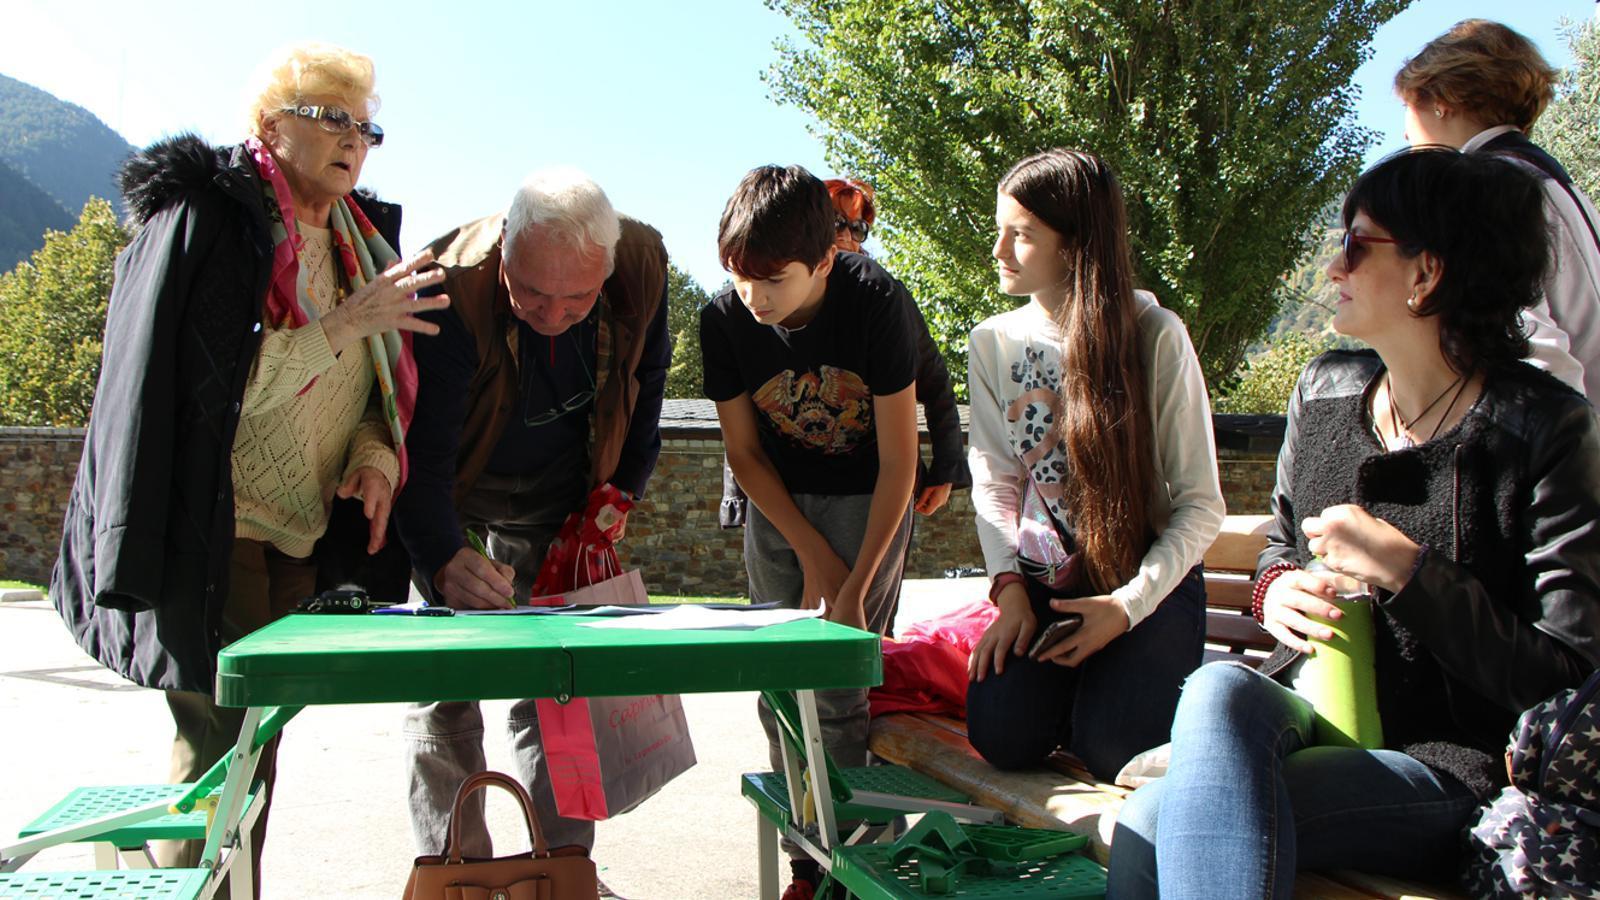 Els joves han estat recollint signatures davant la pèrdua del Prat Gran. / M. P.